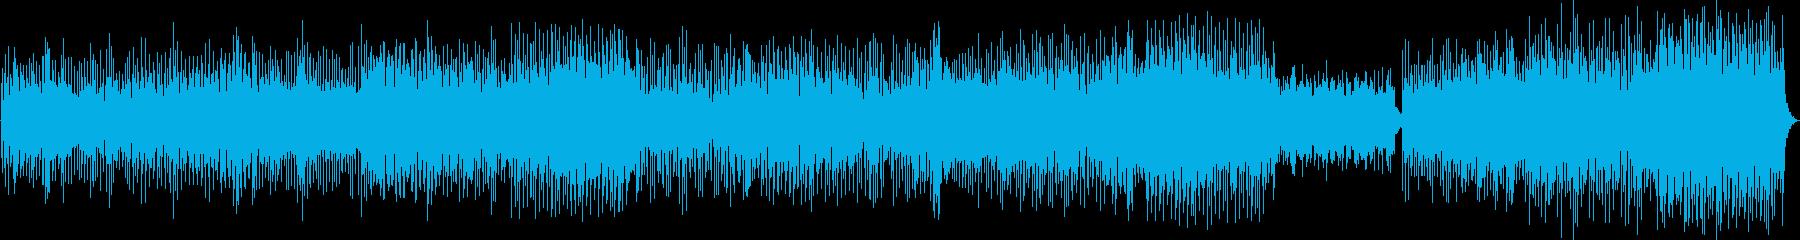 夏を連想させる透明感あるトロピカルBGMの再生済みの波形